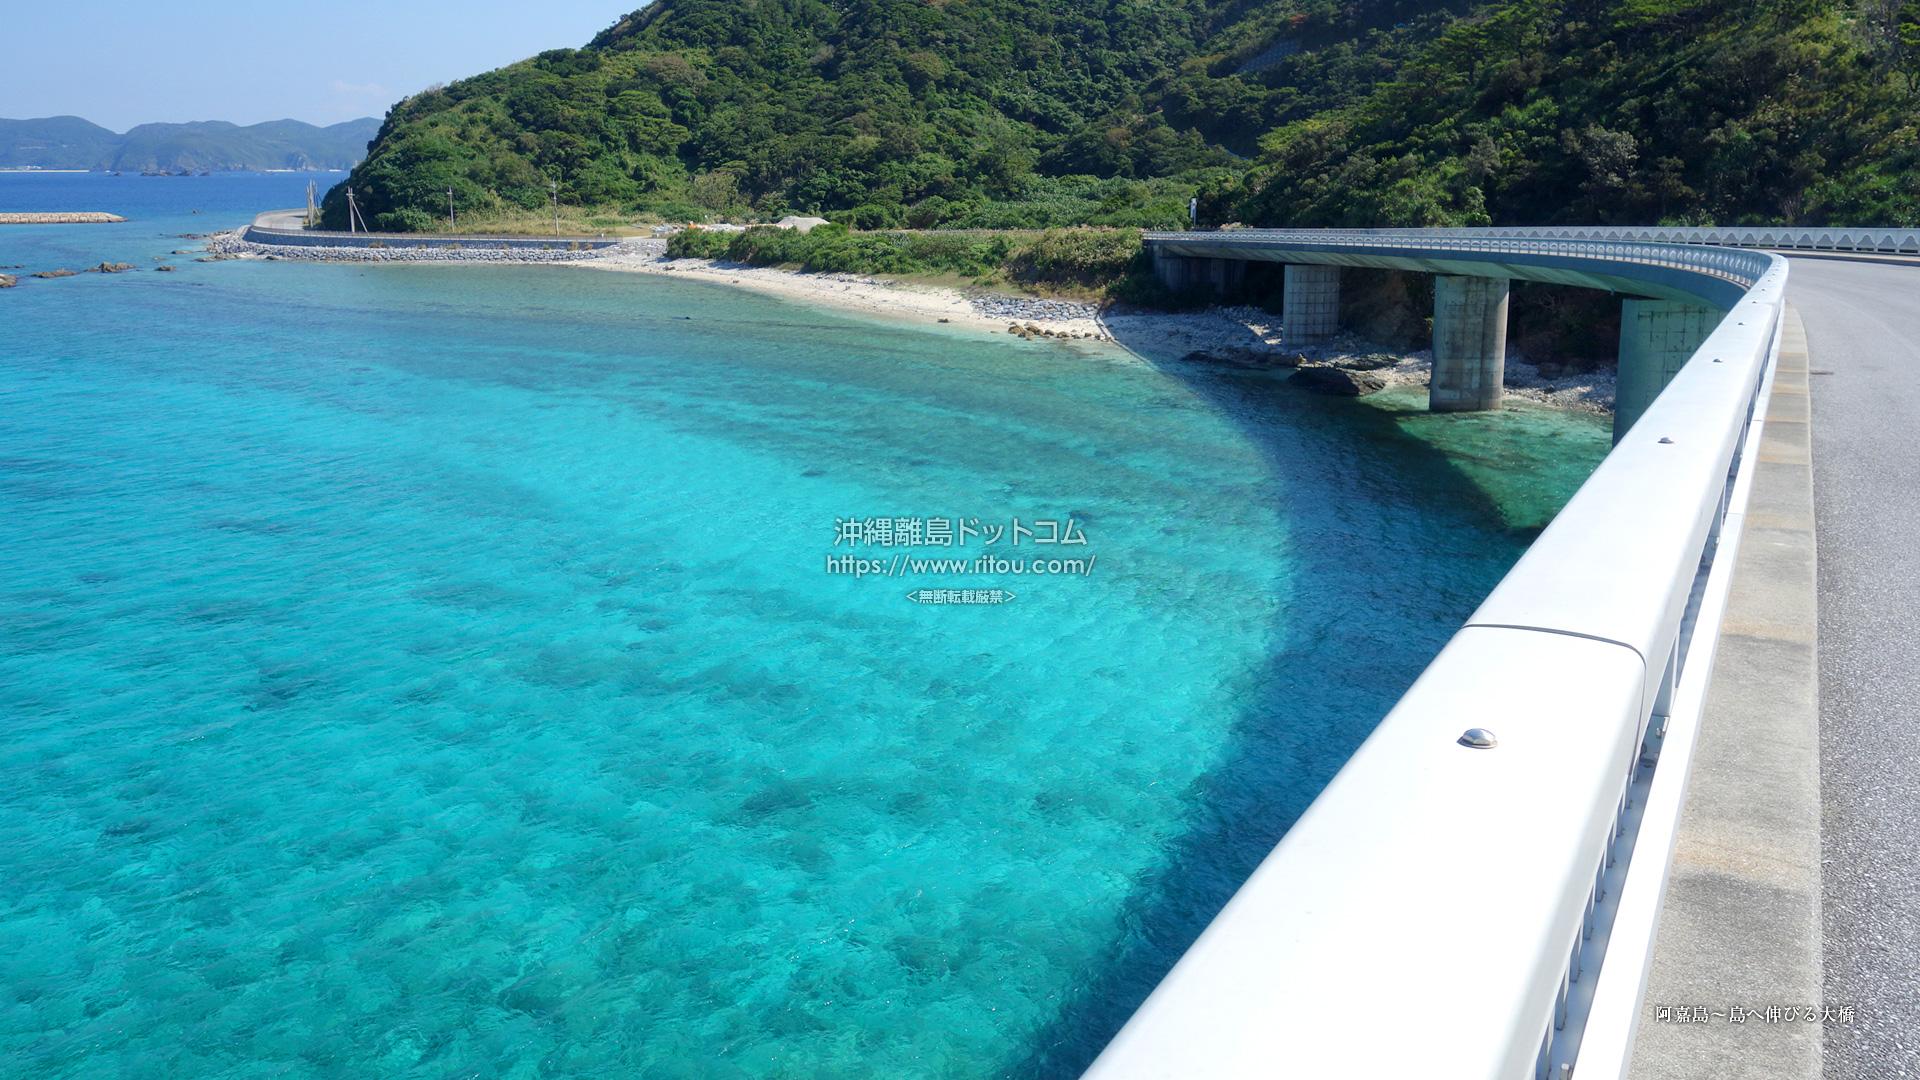 阿嘉島〜島へ伸びる大橋